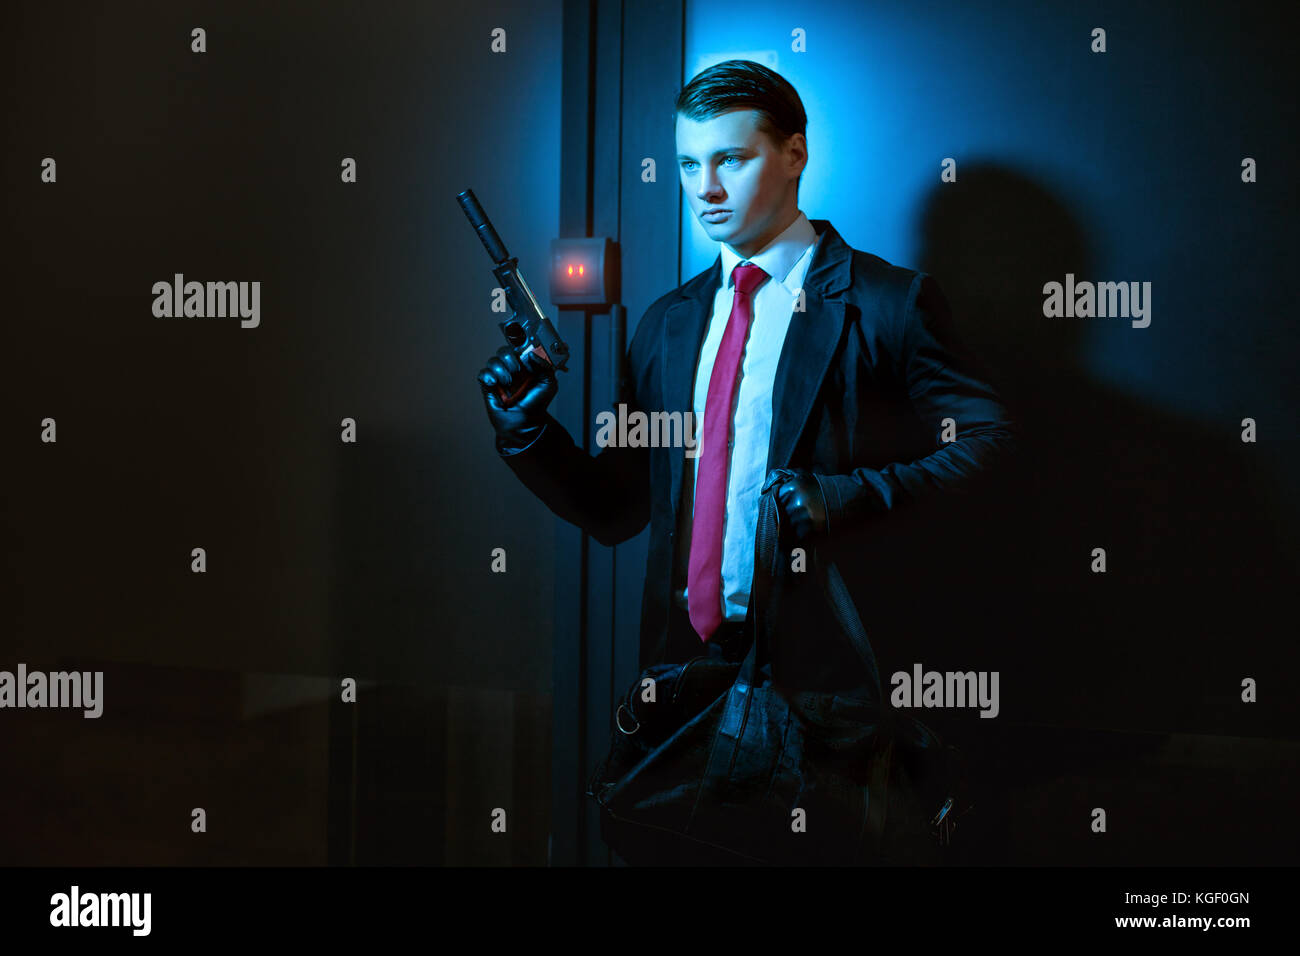 Professionelle man ist ein Mörder, in der Hand eine Pistole mit Schalldämpfer. Stockbild